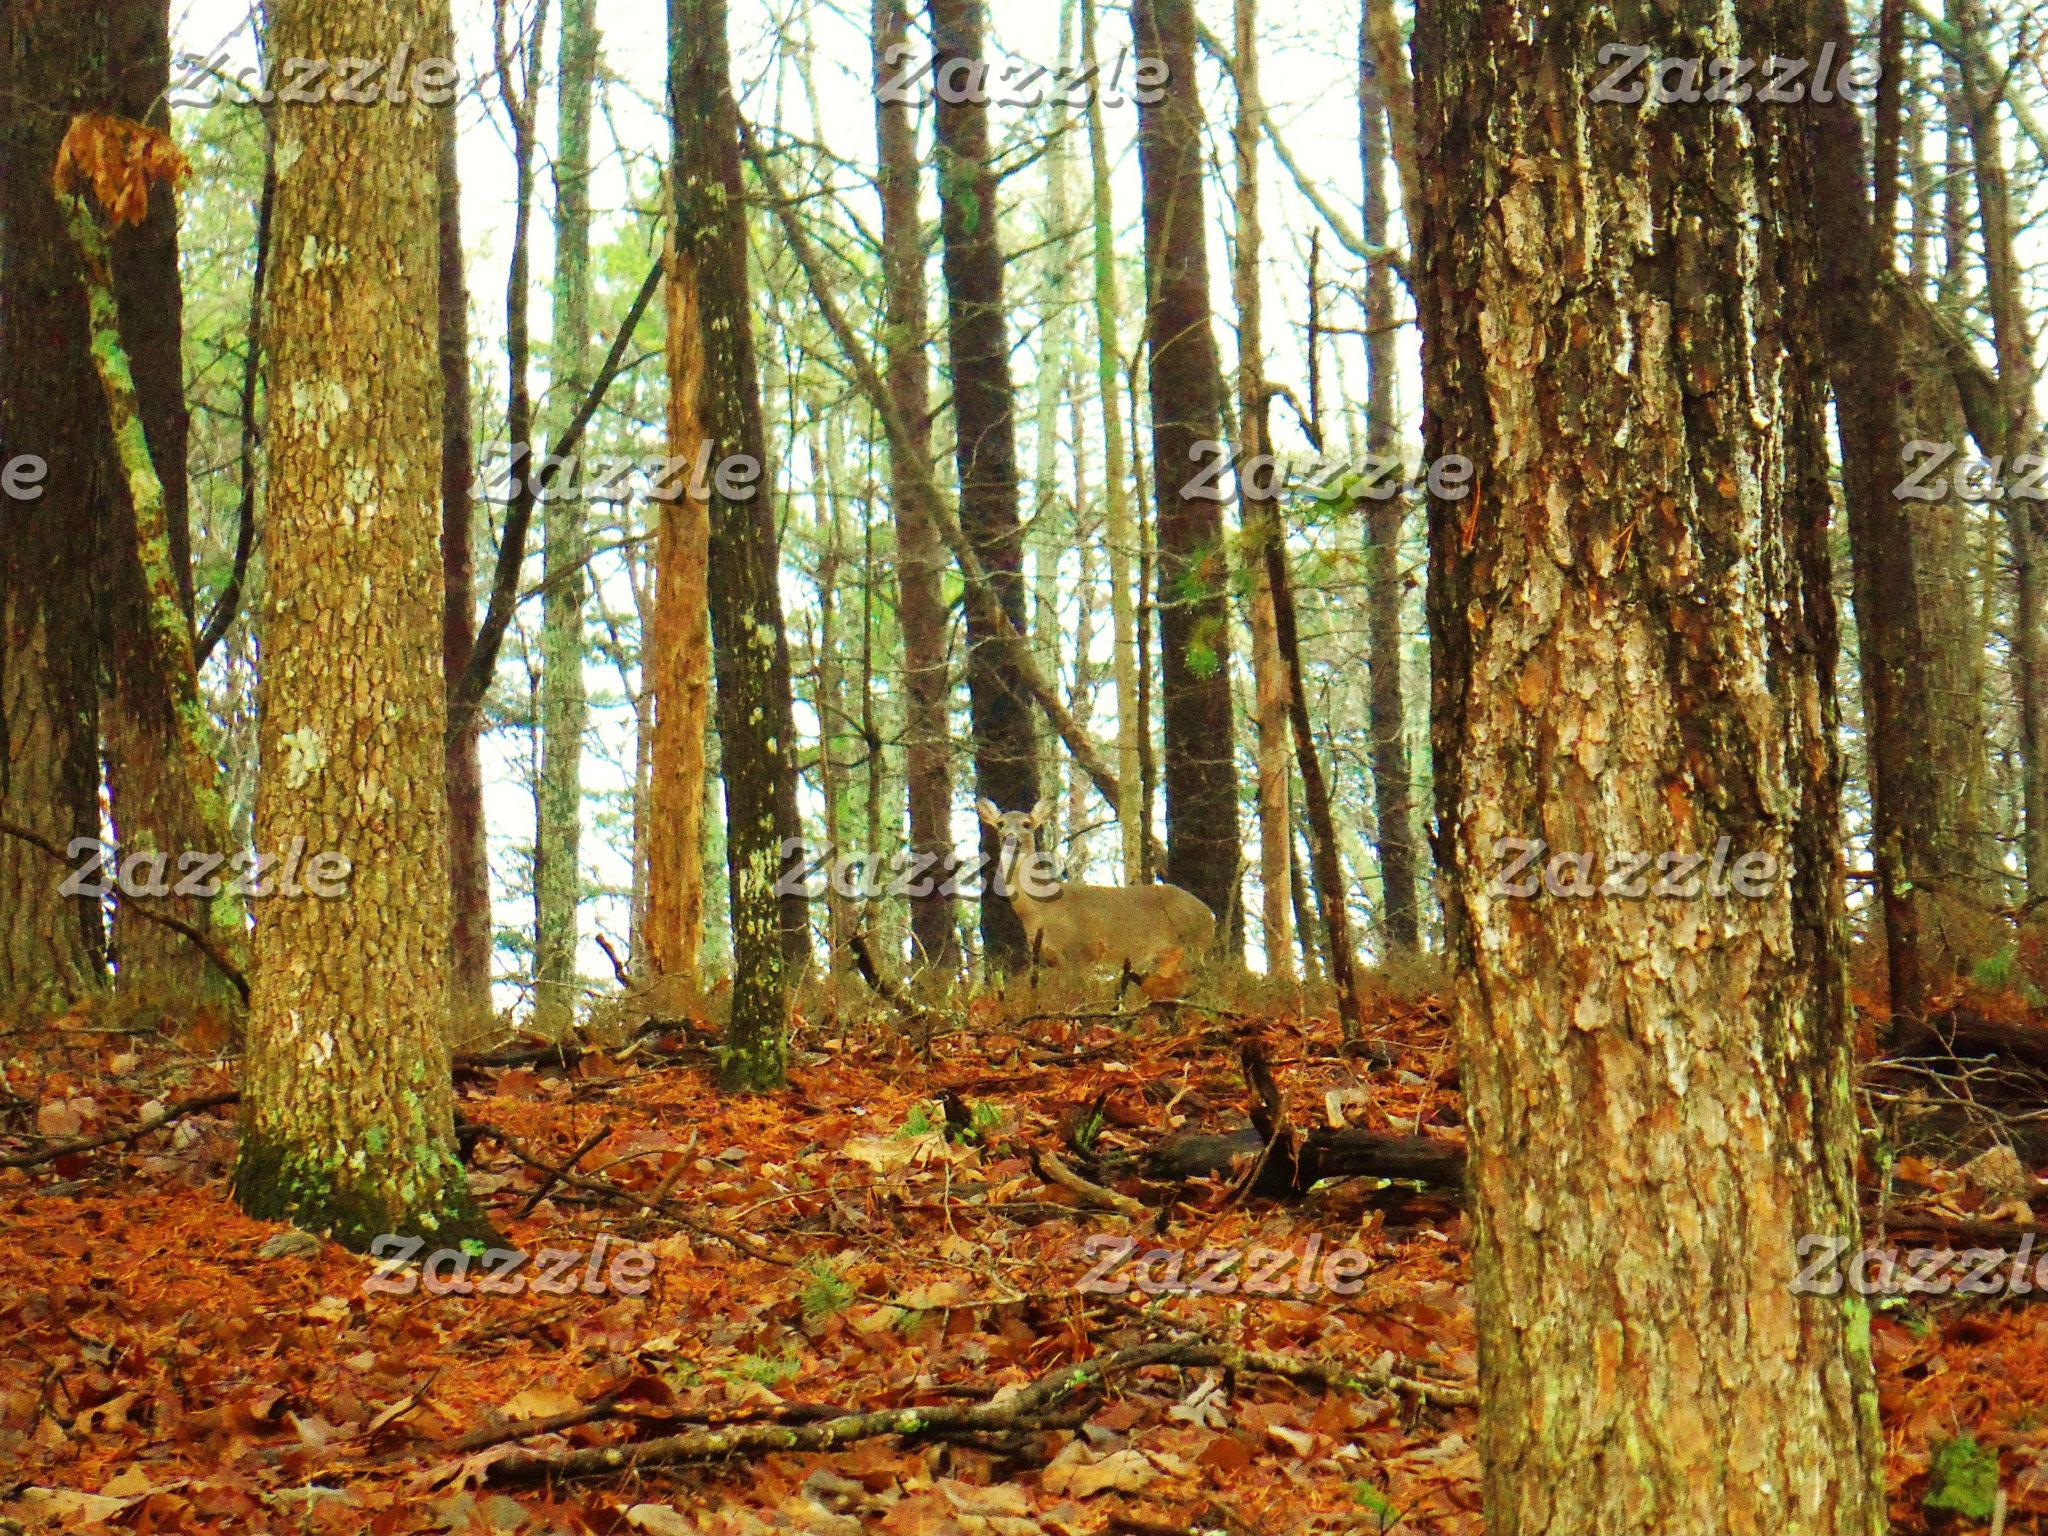 Deer in the Misty Pines